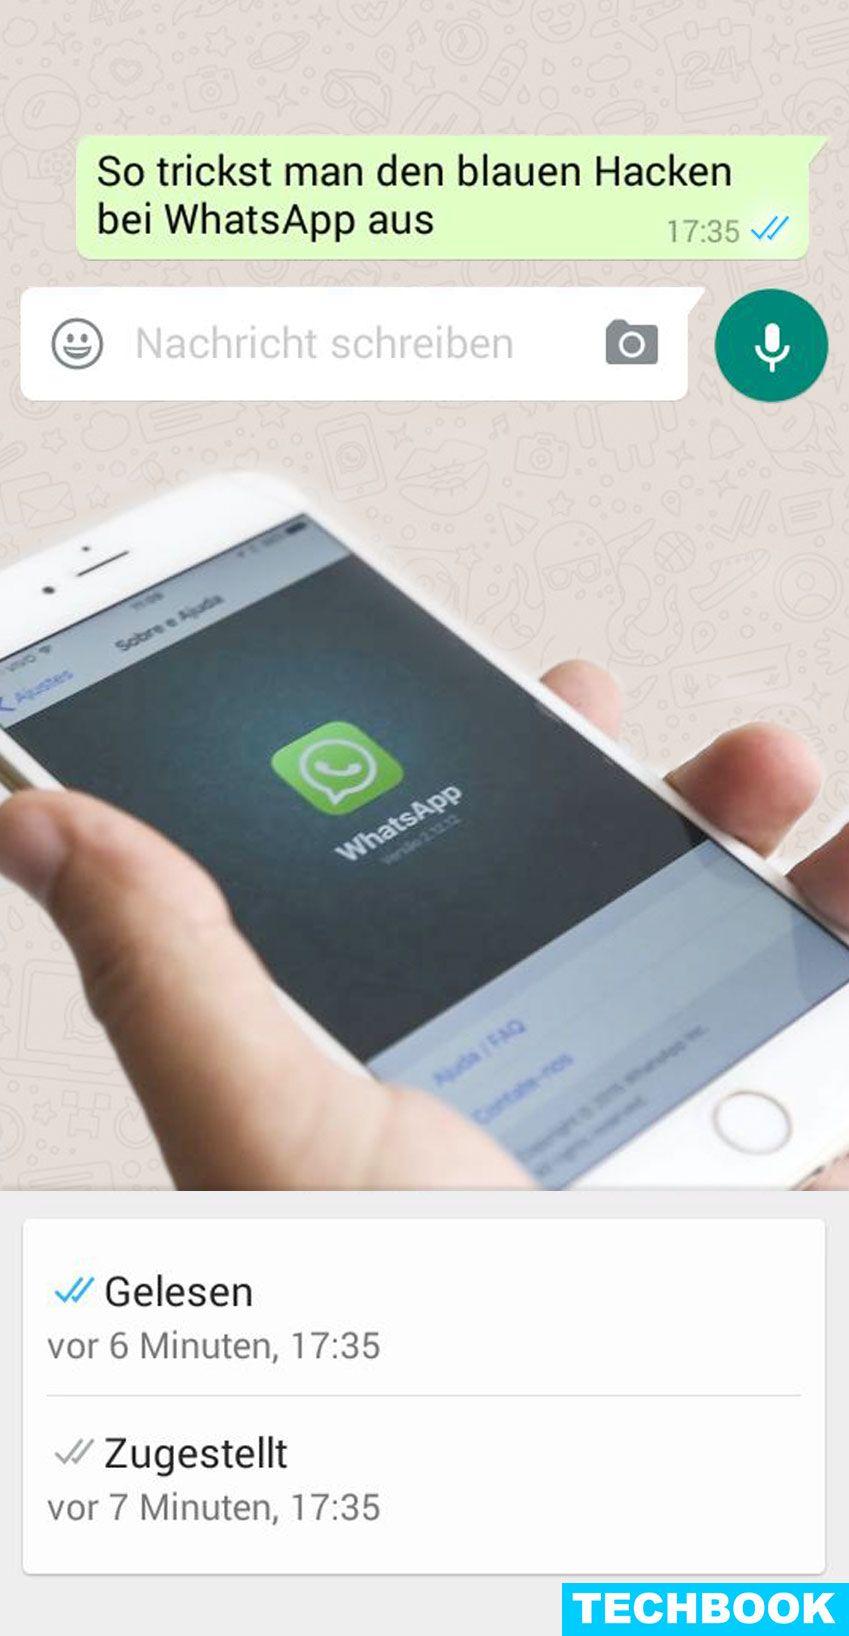 whatsapp ohne blaue haken iphone